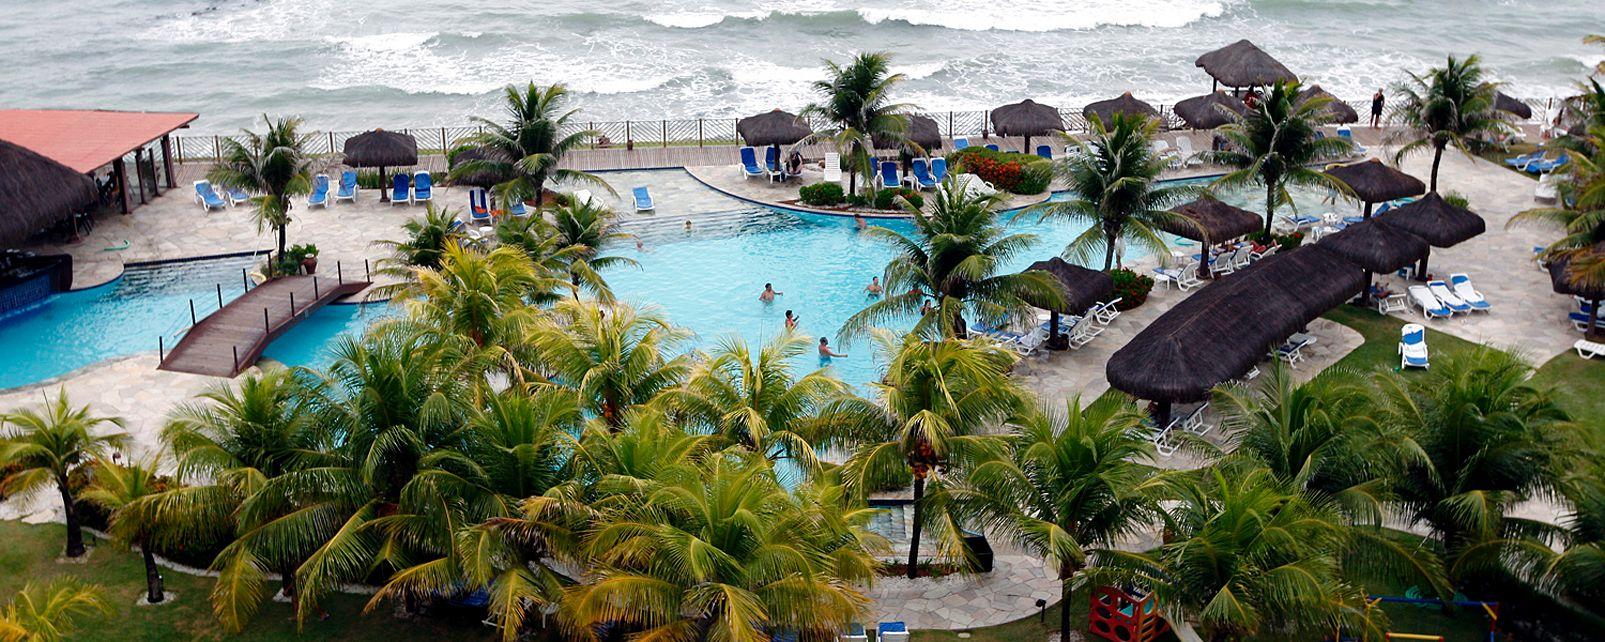 Hotel Pestana Natal Beach Resort